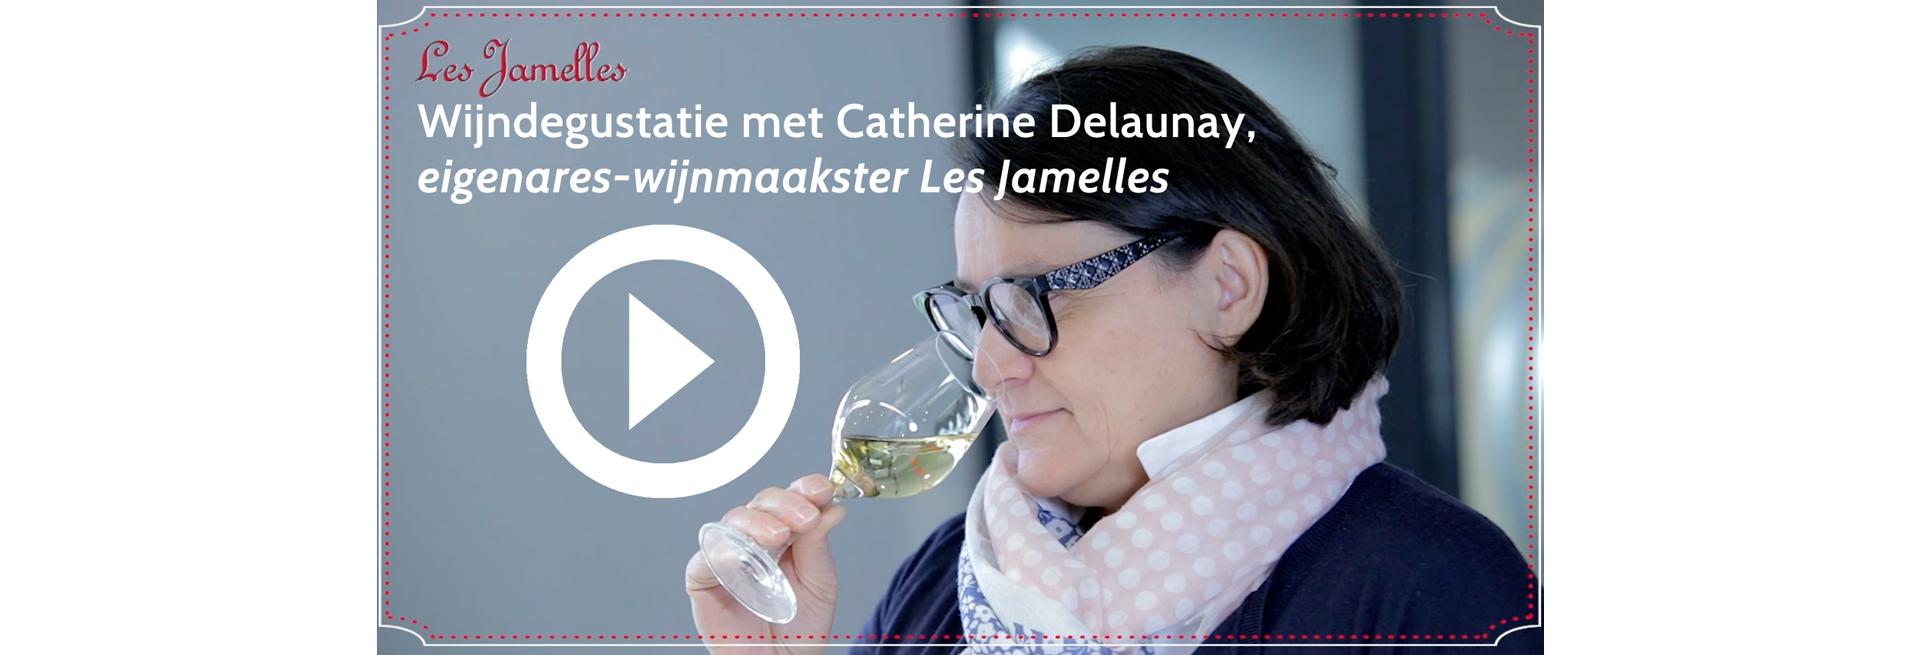 Les Jamelles Languedoc wijnen degustatie Catherine Delaunay